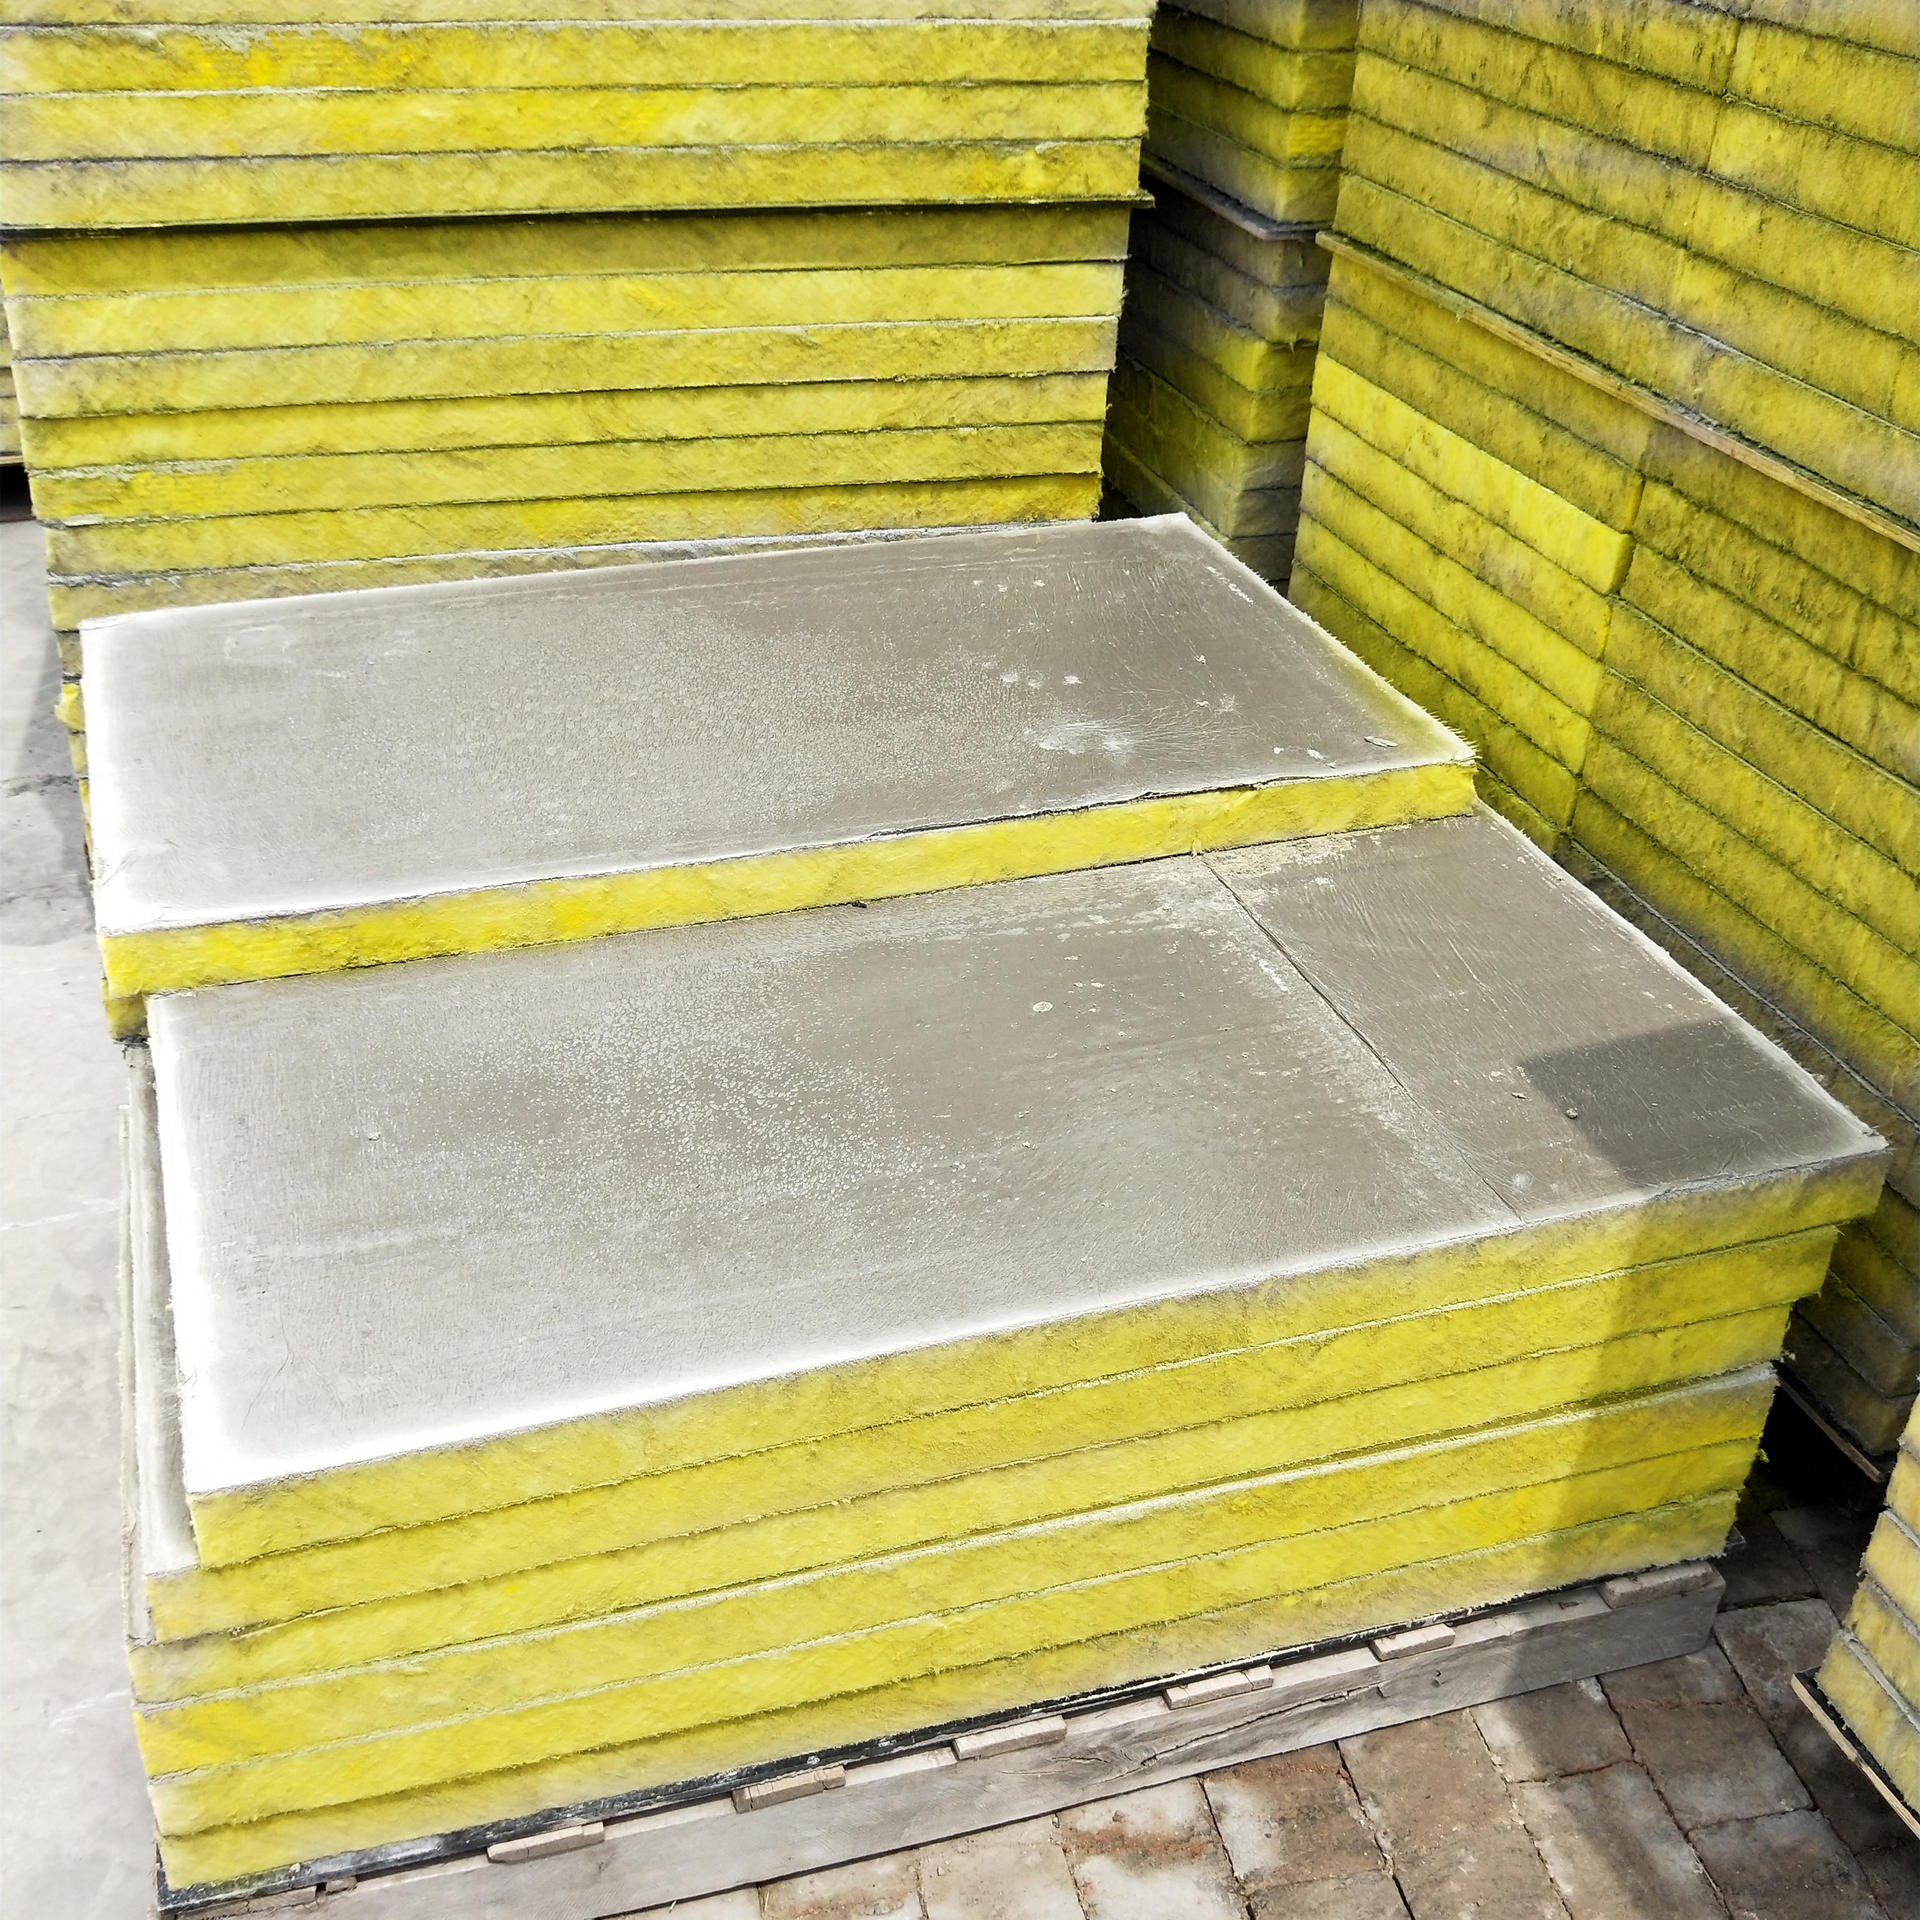 盈輝A級玻璃棉復合板價格 砂漿裹覆玻璃纖維棉保溫板 機制憎水玻璃棉復合板廠家